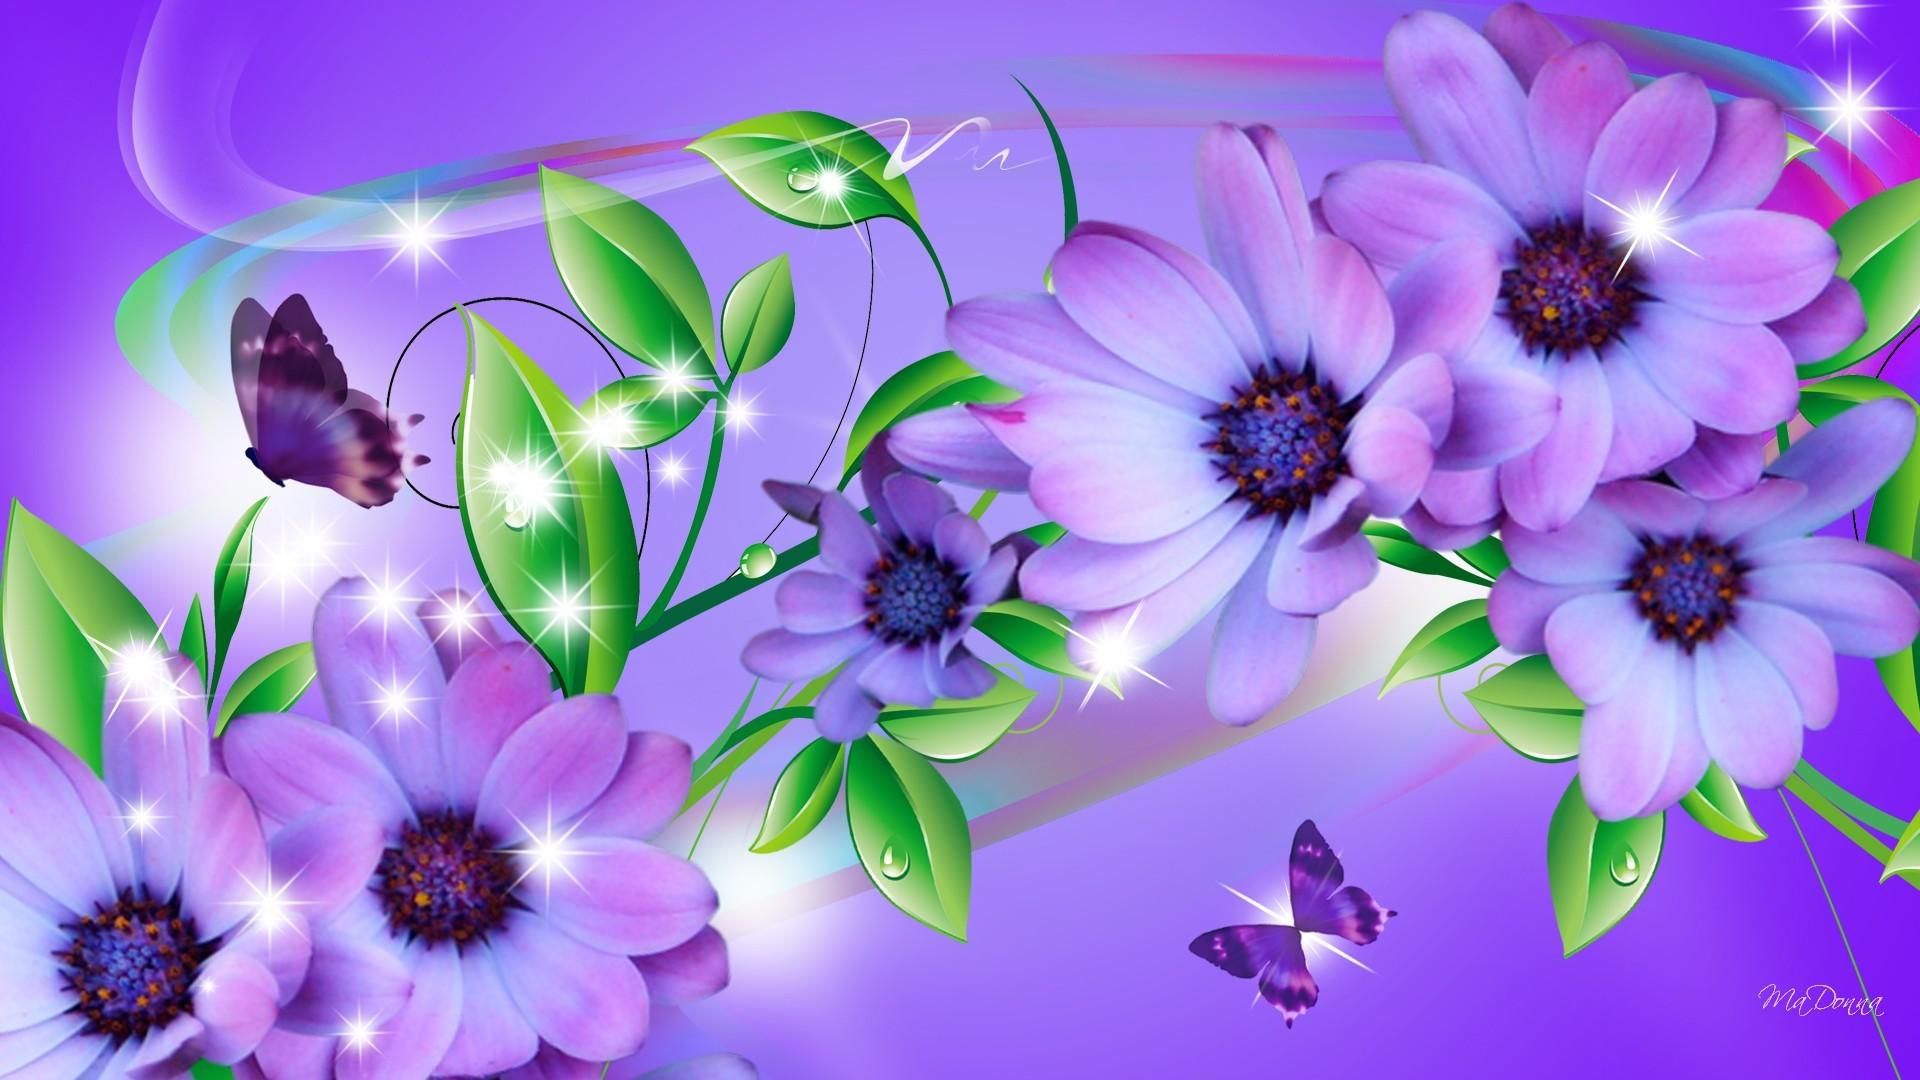 Butterfly on purple flower wallpaper